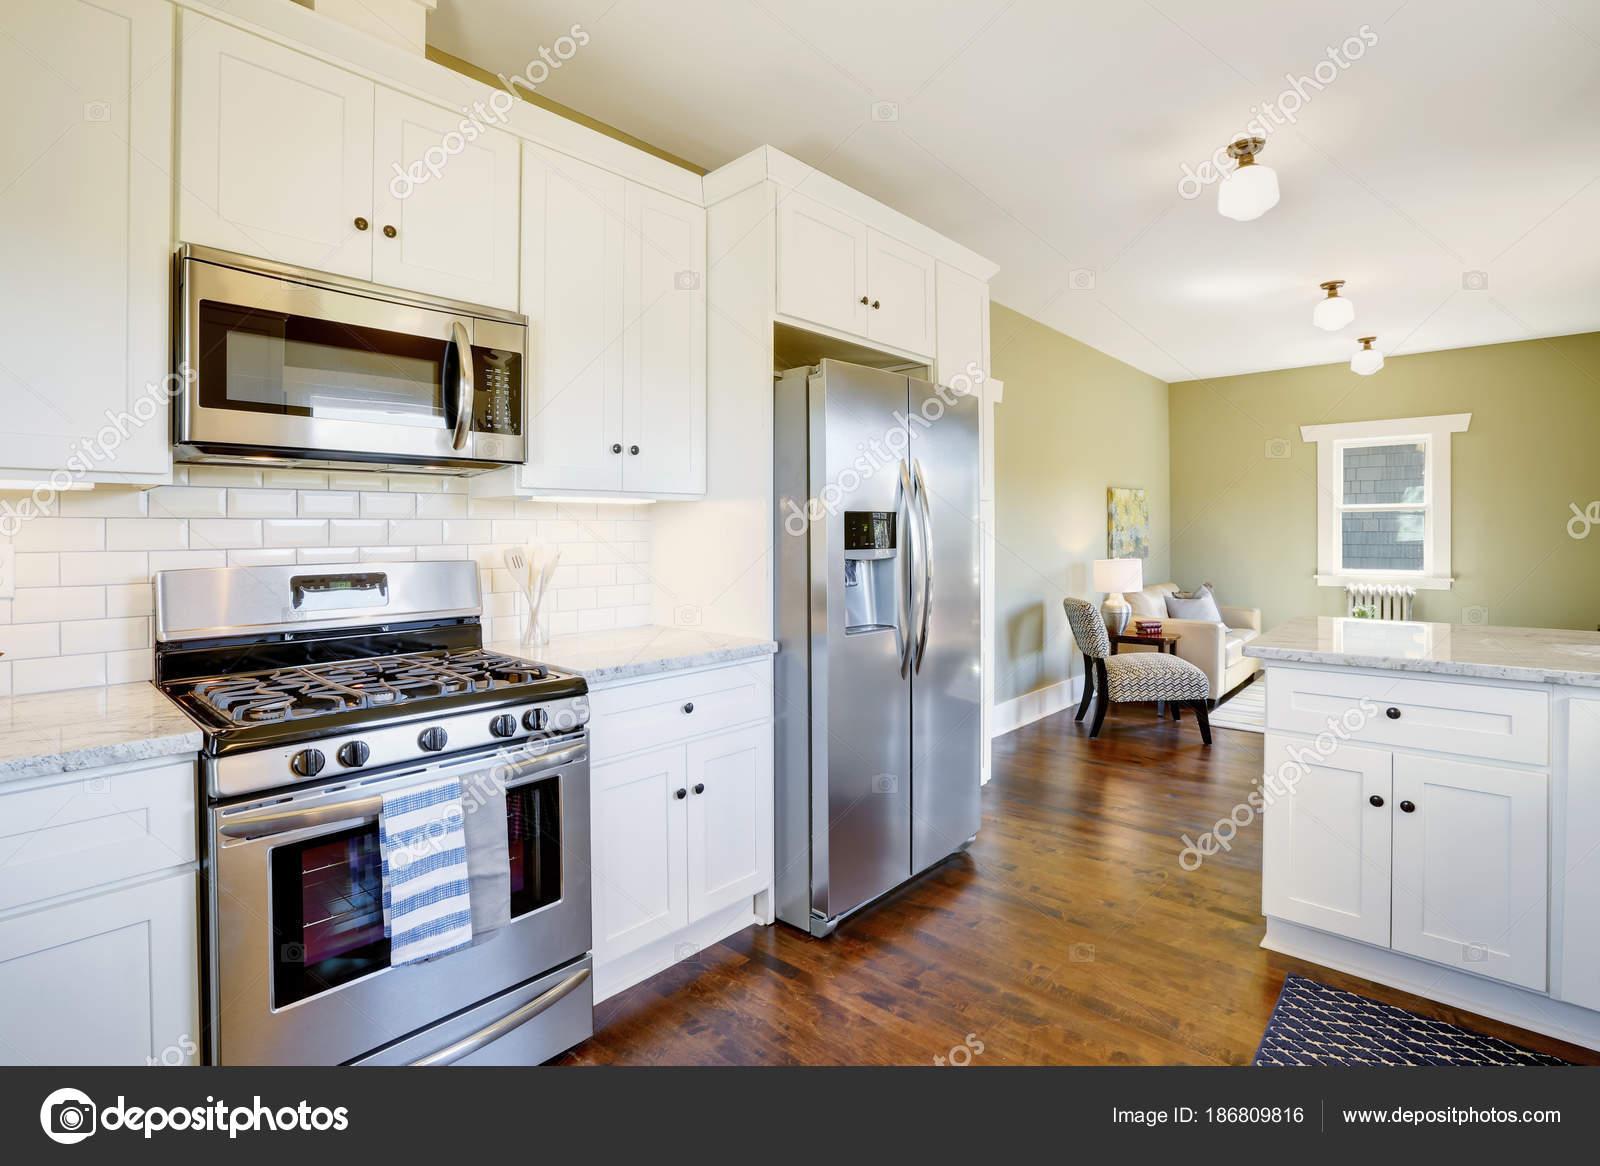 Frisch renovierter weiße und grüne Küche Innenraum — Stockfoto ...